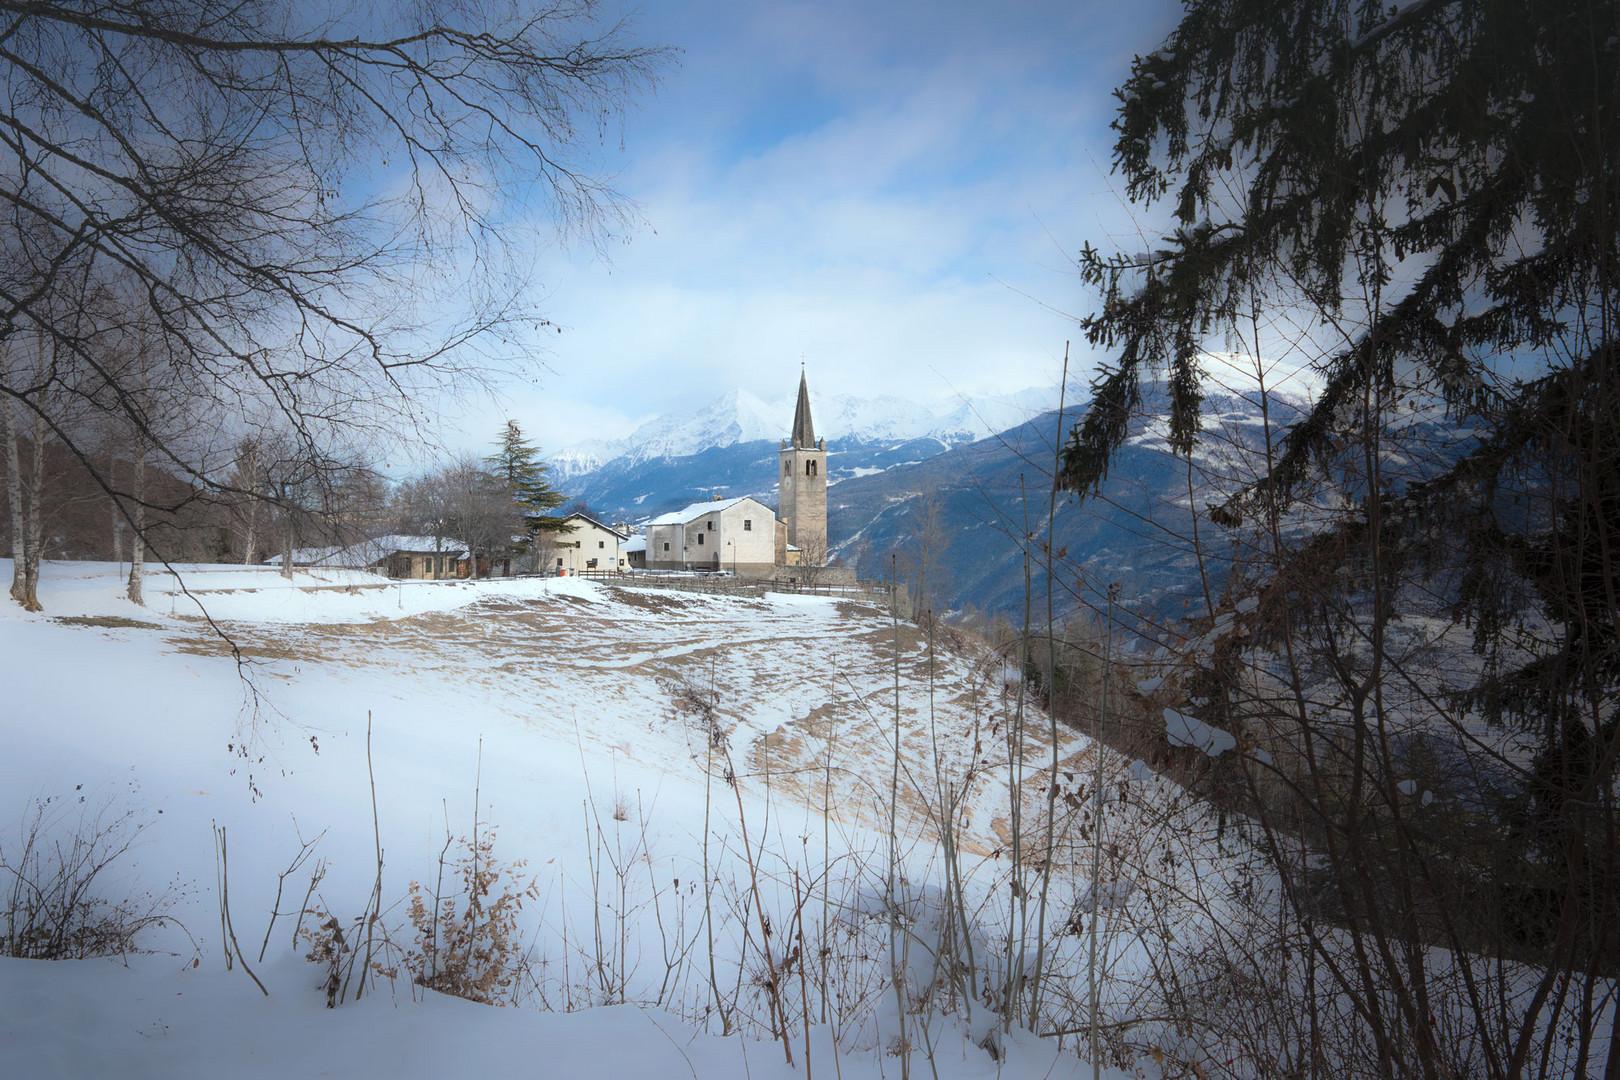 Spruzzi di neve su Saint Nicolas (Valle d'Aosta)